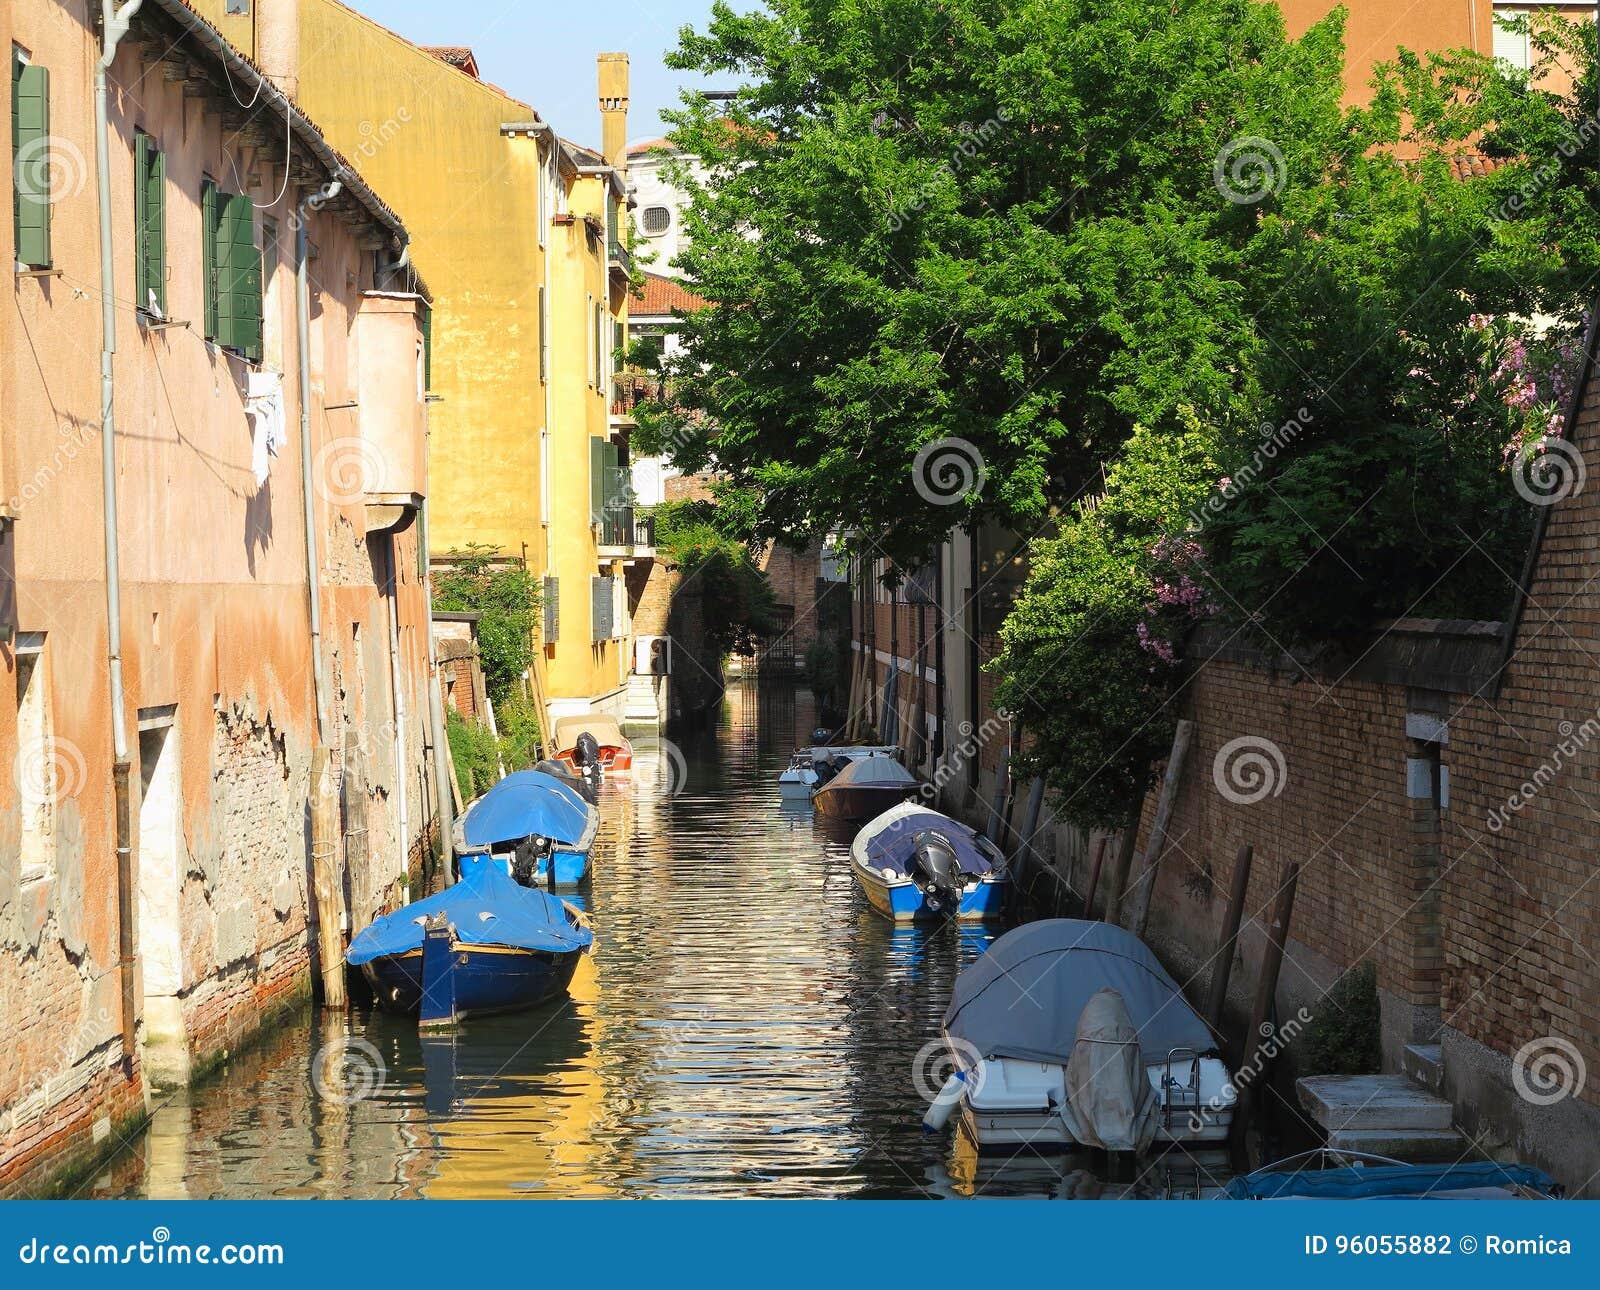 20 06 2017, Venise, Italie : Canal avec des bateaux et des façades colorées